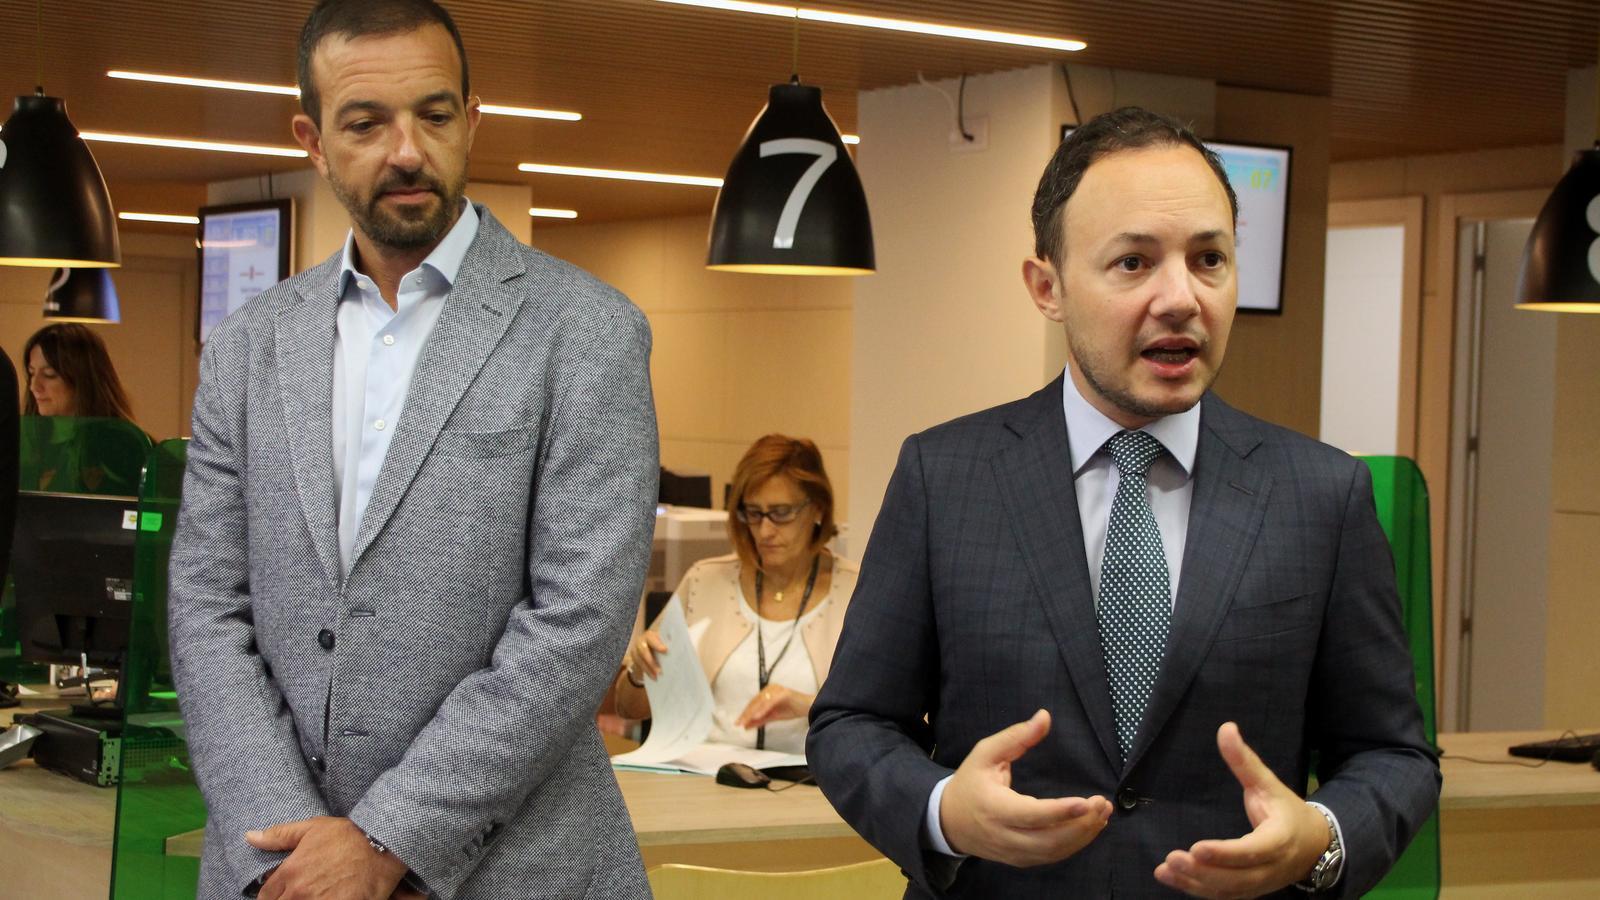 El ministre d'Afers Socials, Justícia i Interior, Xavier Espot, aquest divendres durant la visita al no servei d'Immigració. / C.G. (ANA)